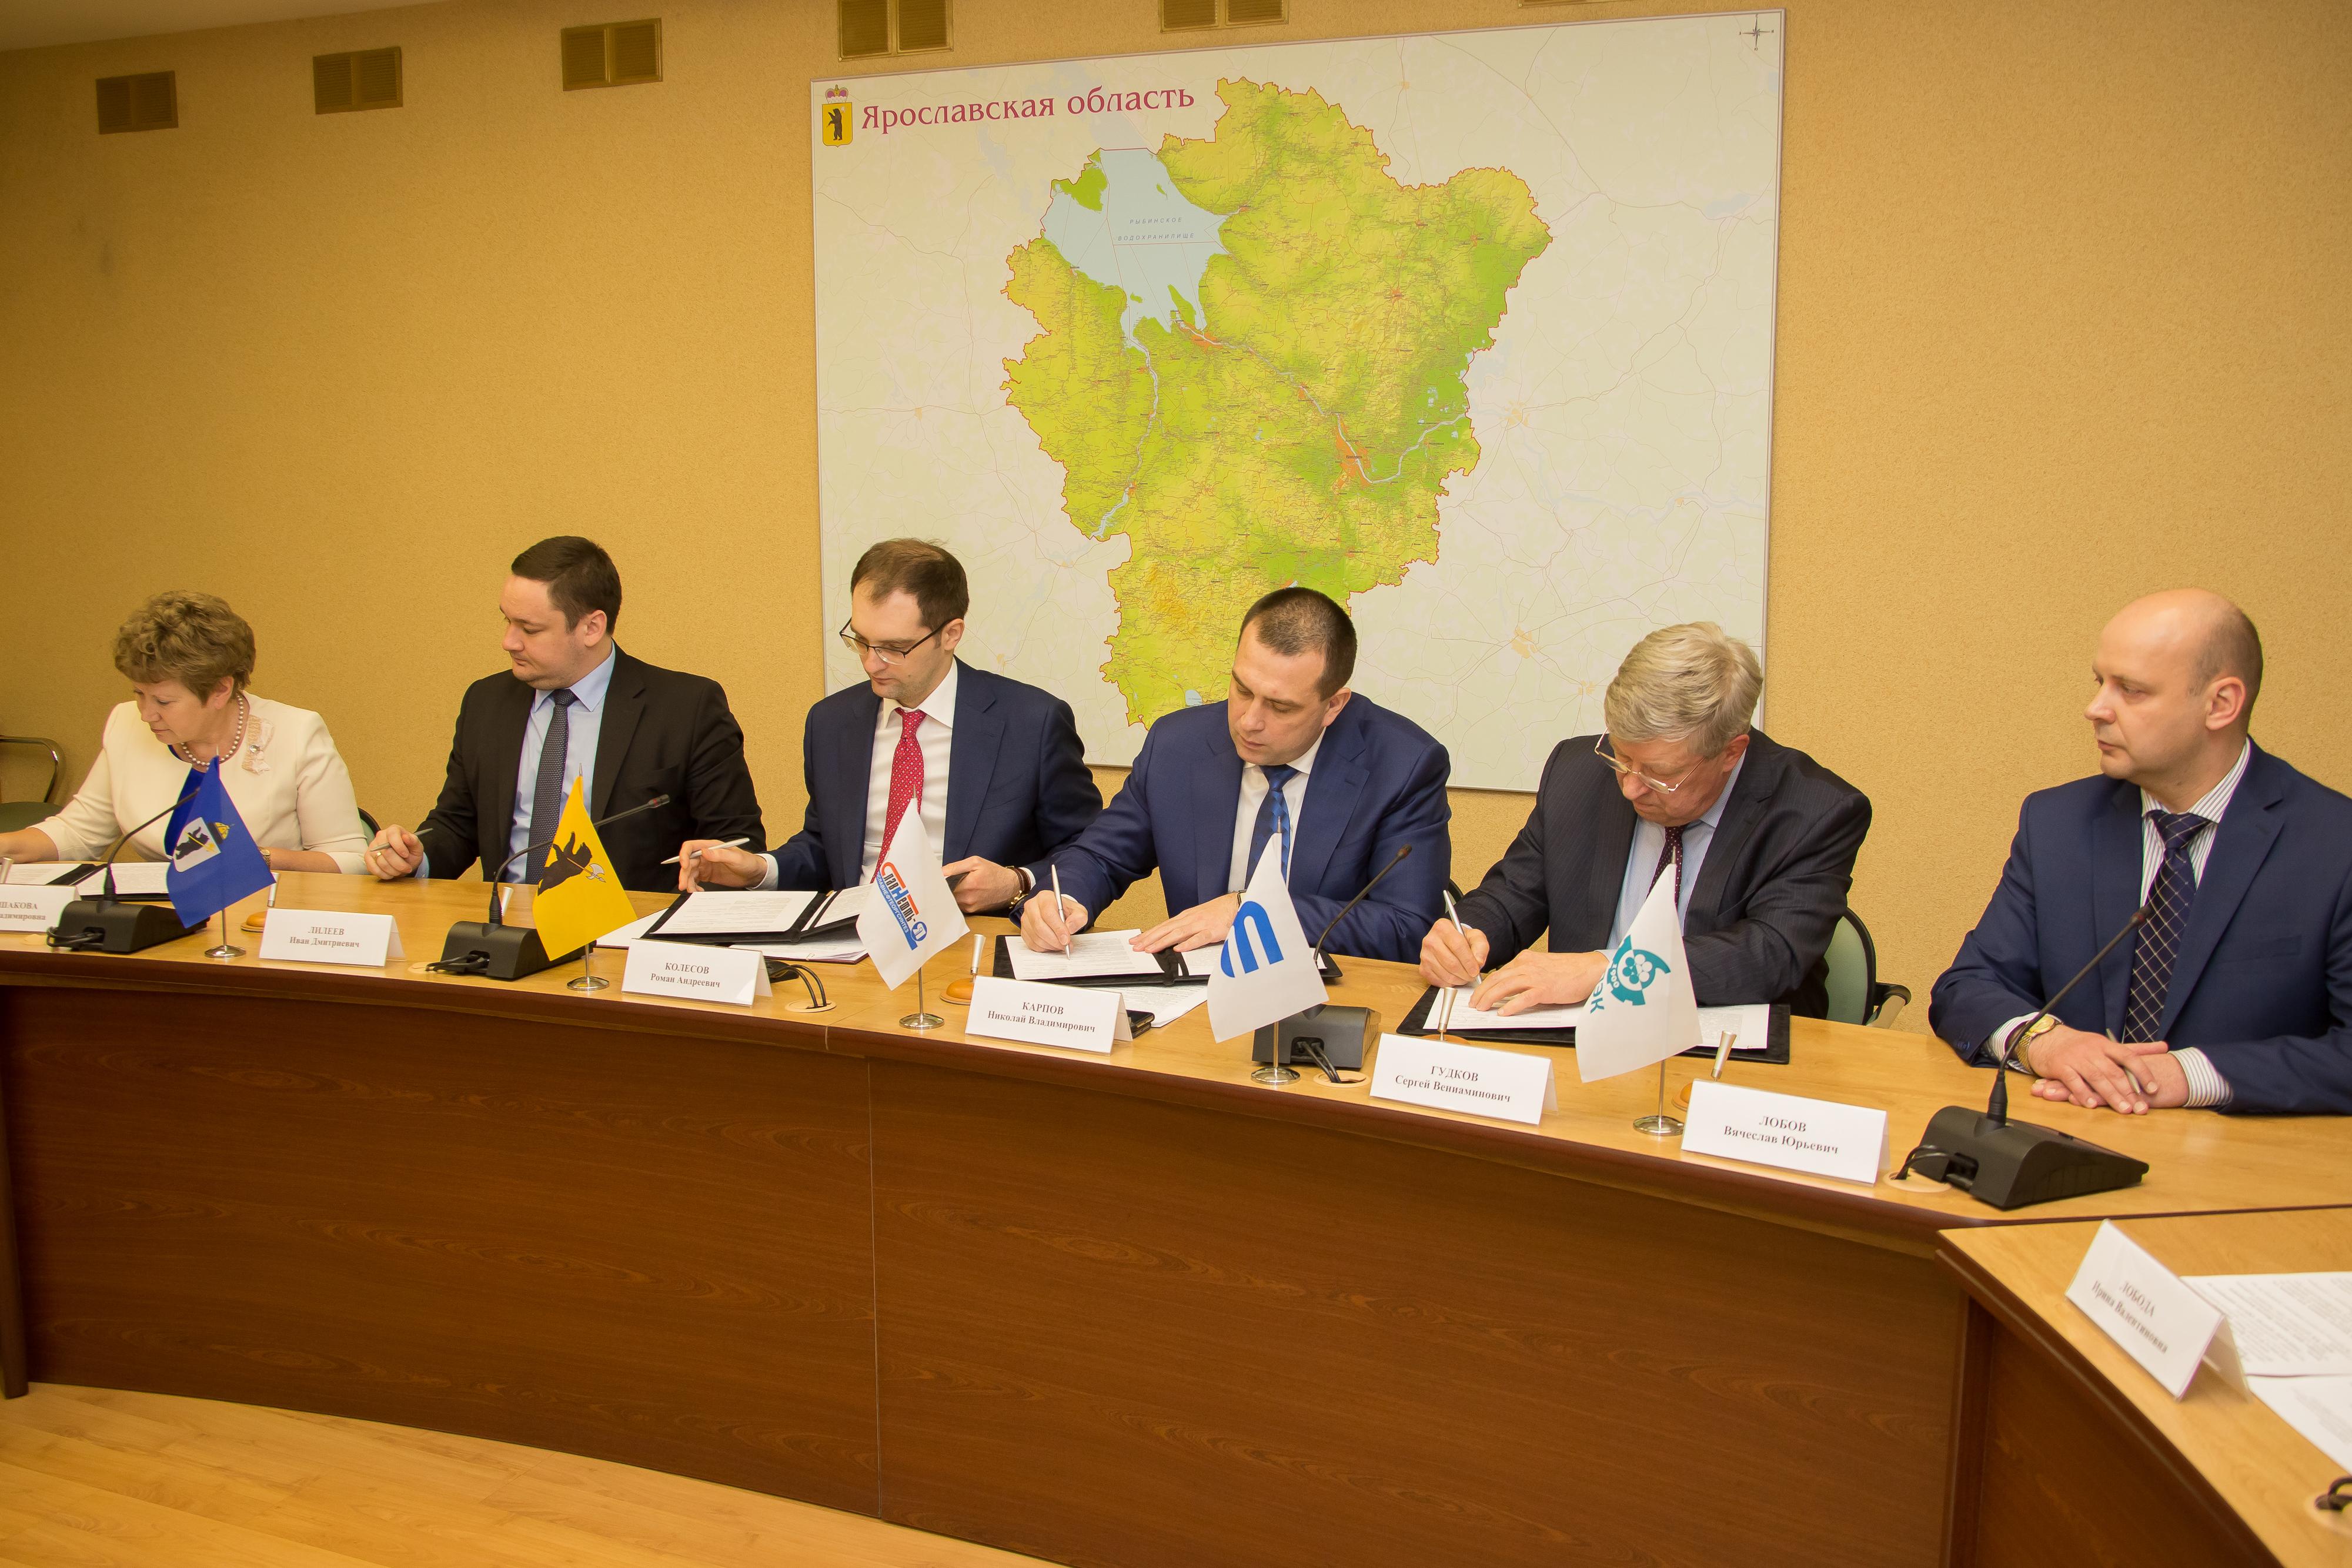 В Ярославской области будет открыт первый инженерный ЯНОС-класс